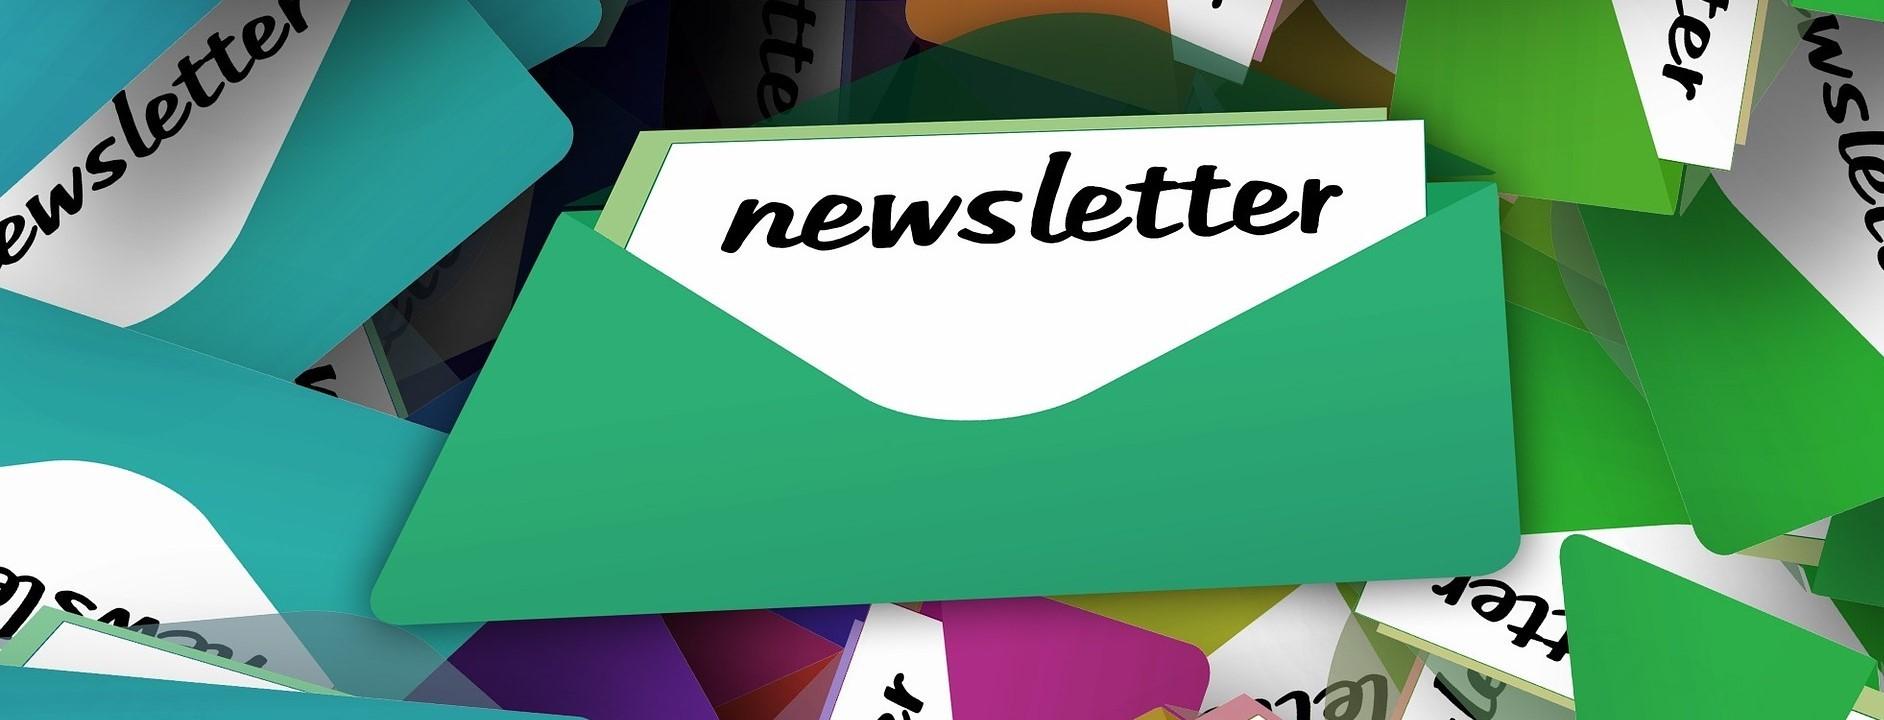 news-634808_1920 (3) - Copie